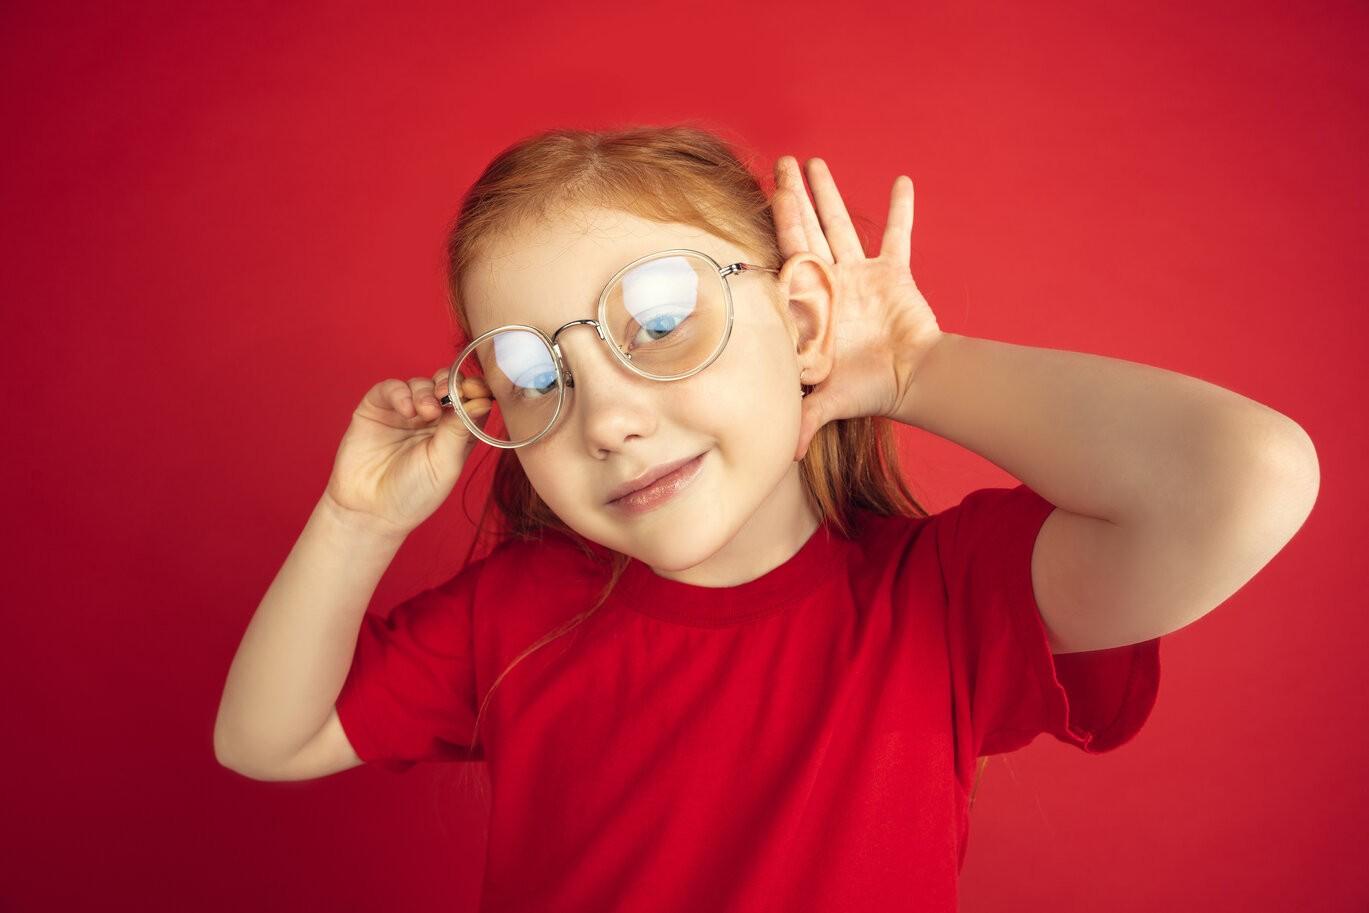 rsz caucasian little girl portrait